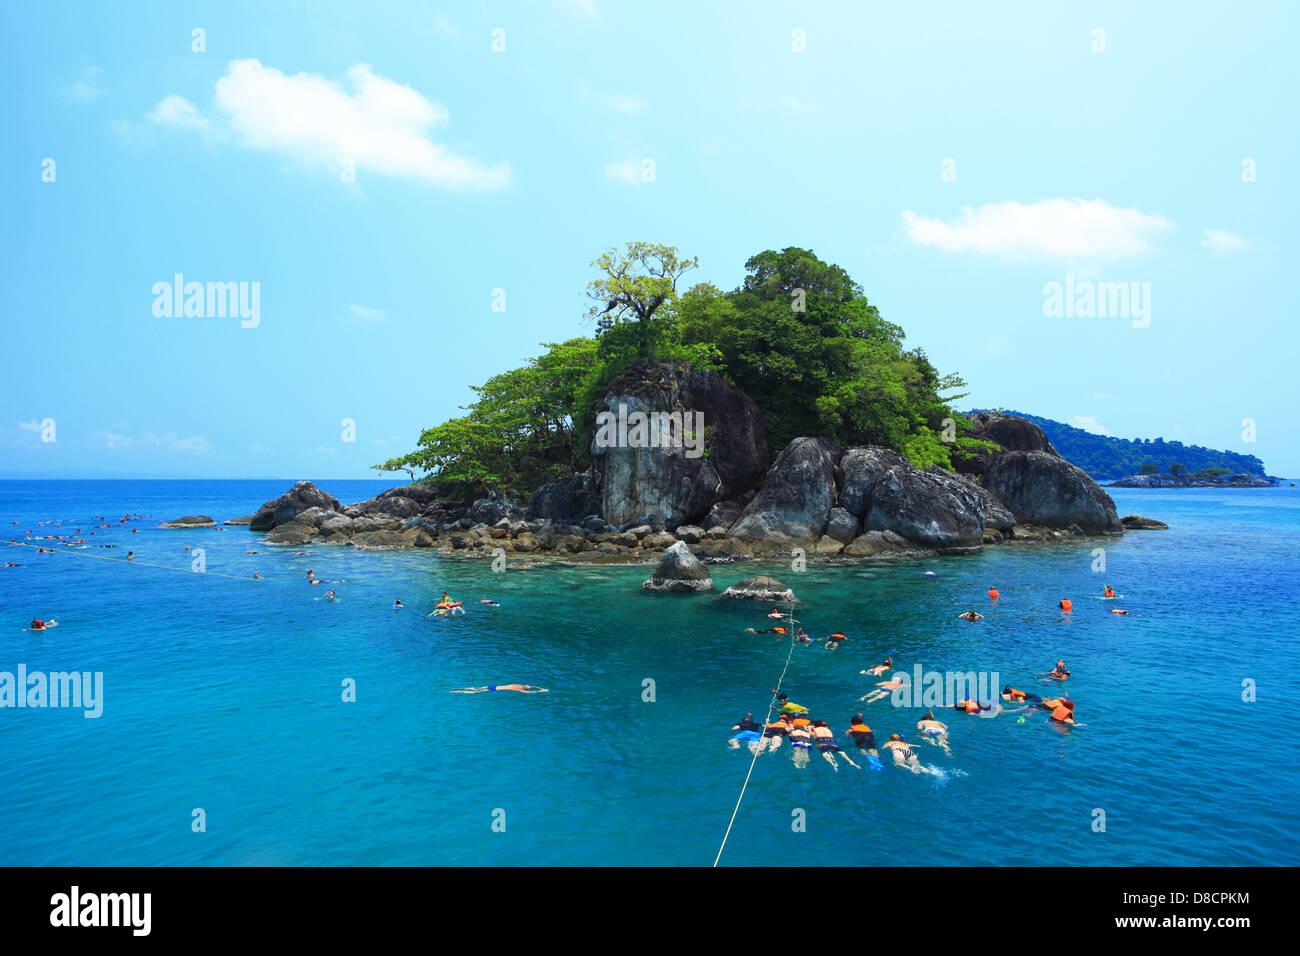 Voyage plongée groupe. près de Kho Chang îles de Thaïlande Photo Stock